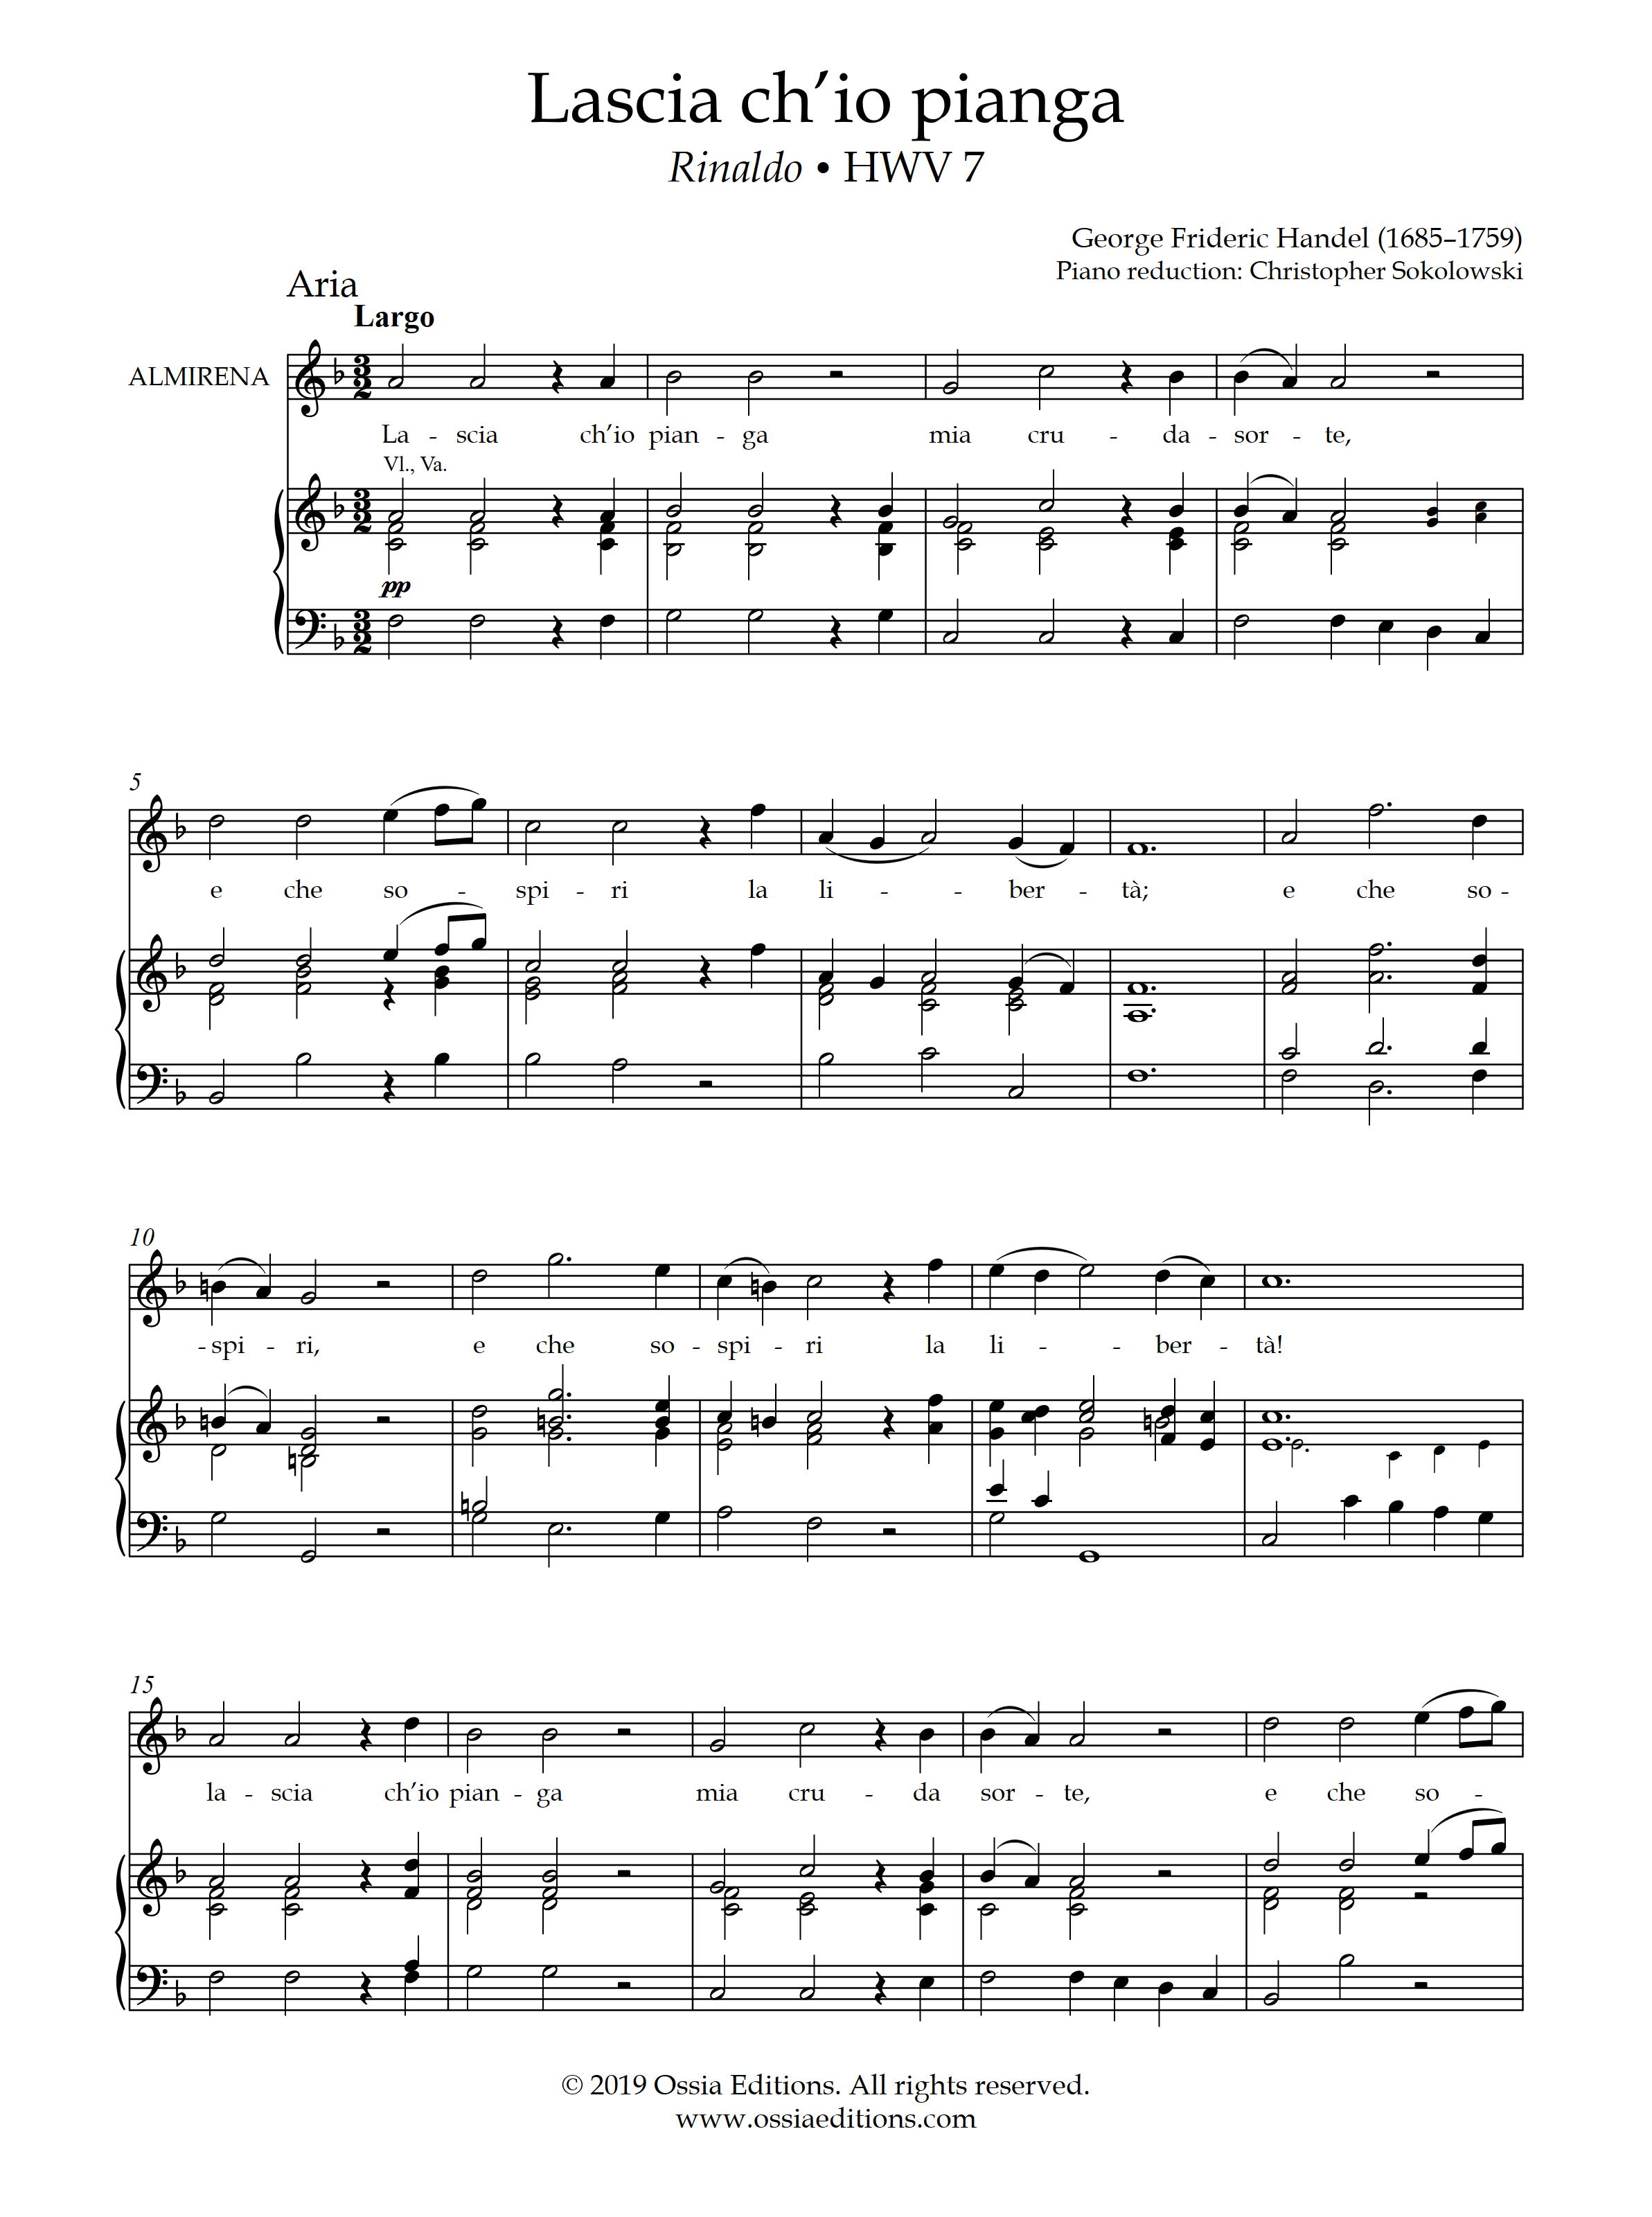 Lascia ch'io pianga Handel OST Antichrist - YouTube